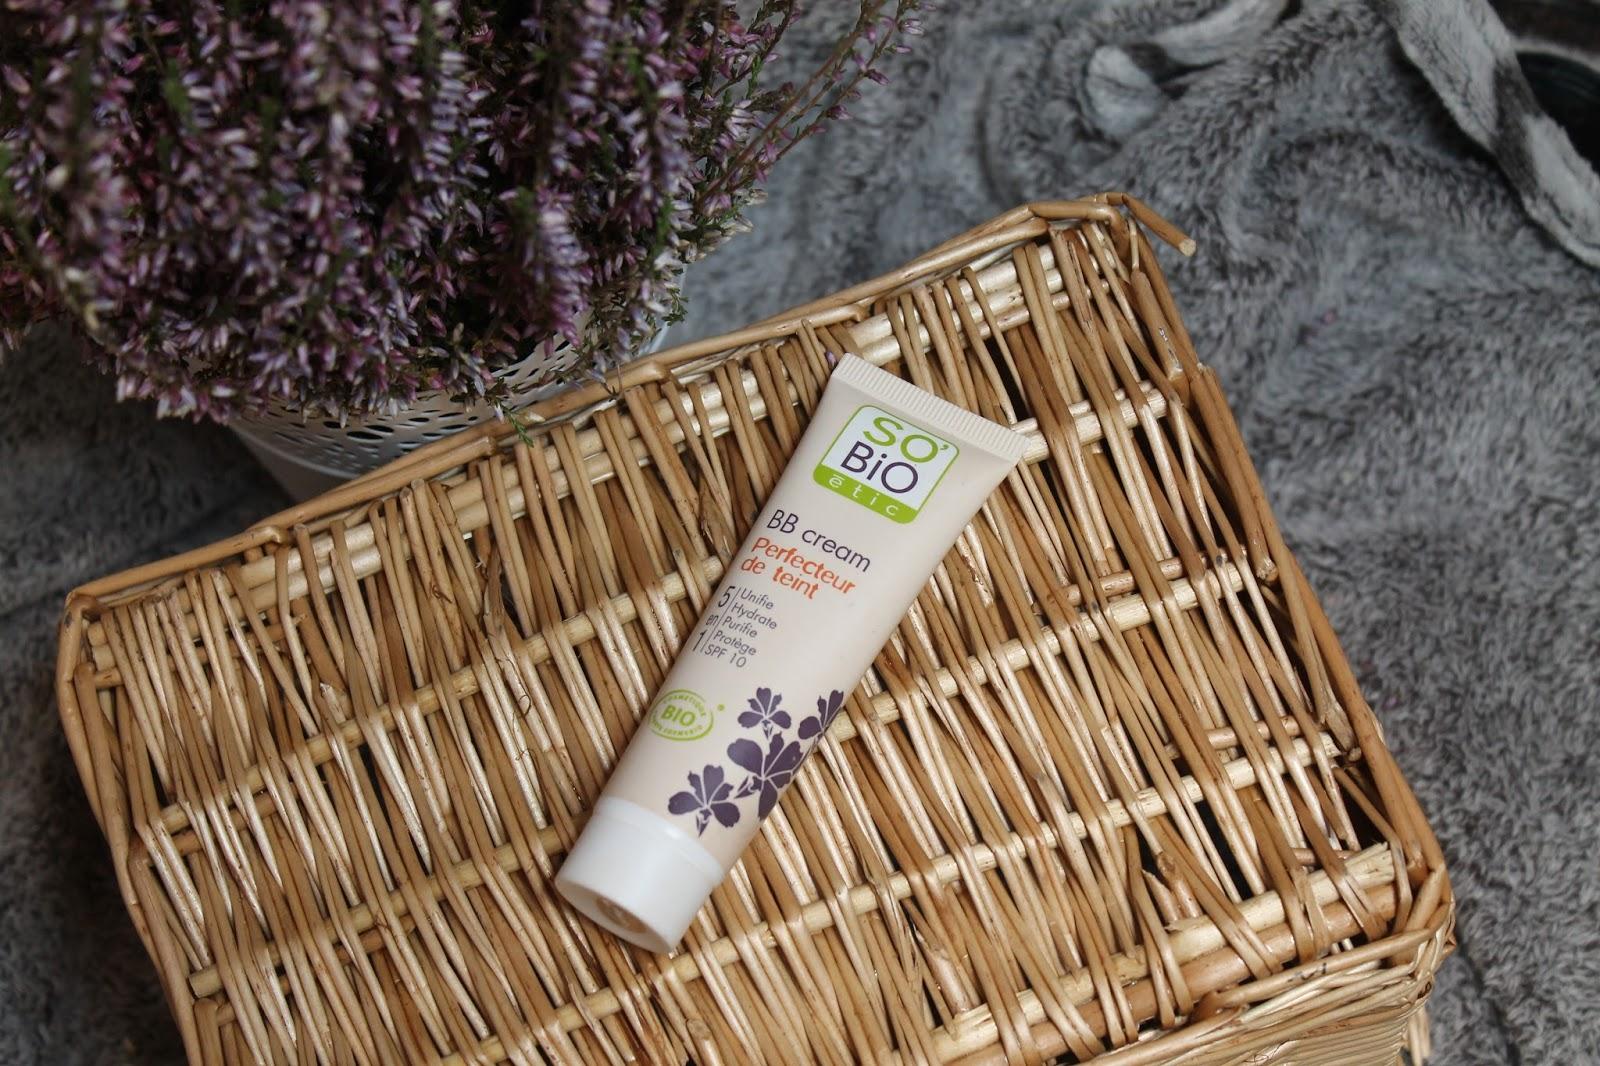 Naturalny krem BB, który kryje jak dobry, drogeryjny podkład - So bio etic BB cream 5w1